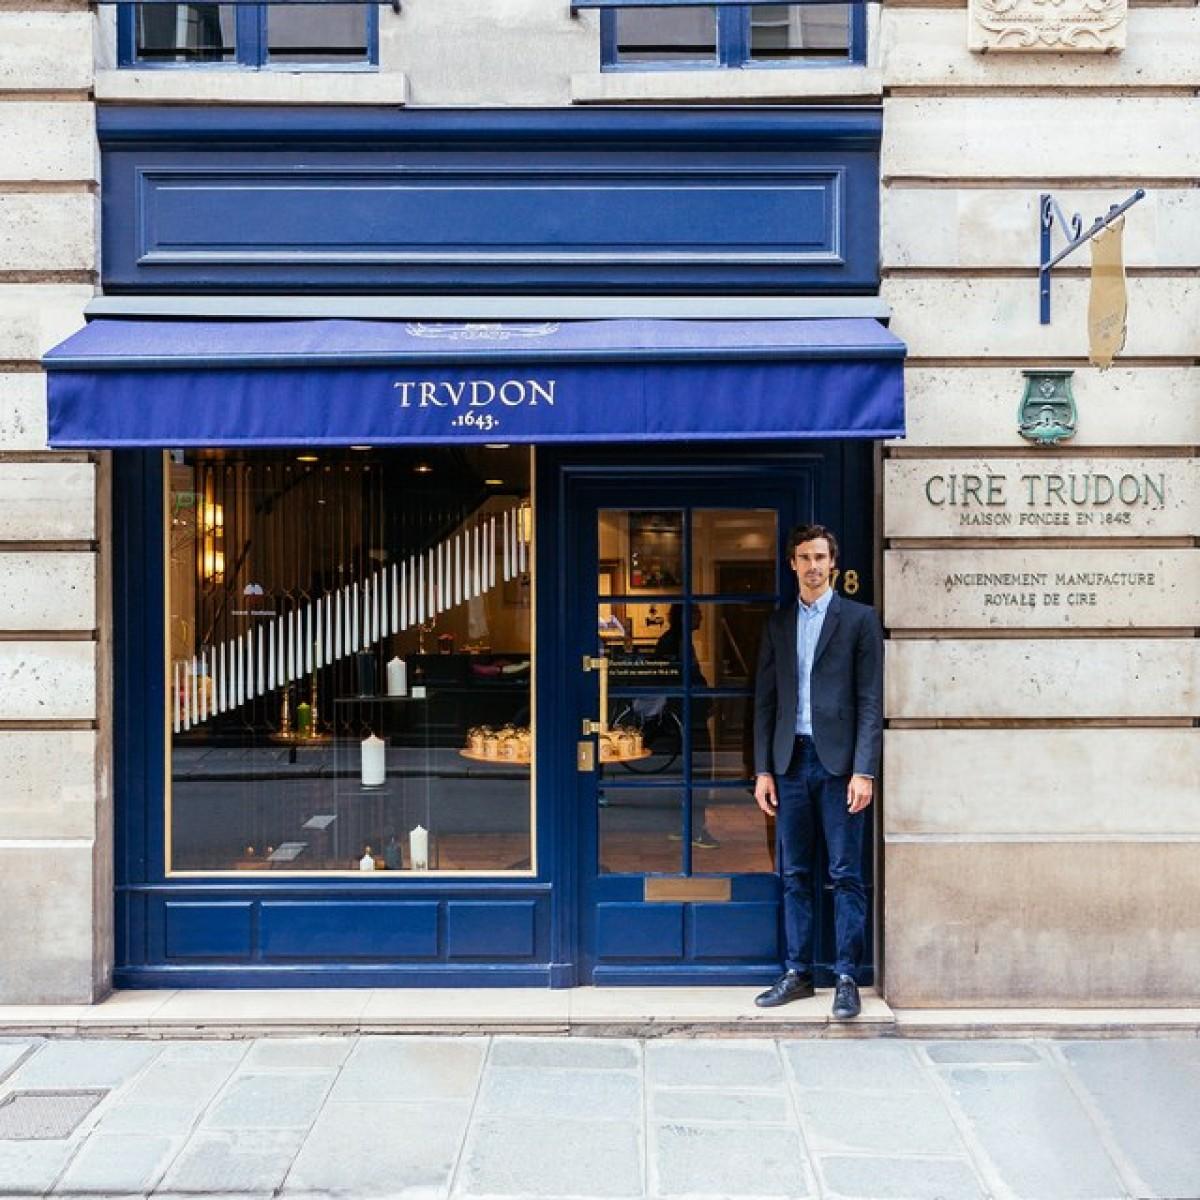 The colorful façades of Paris - stories through the lens of Sebastian Eras